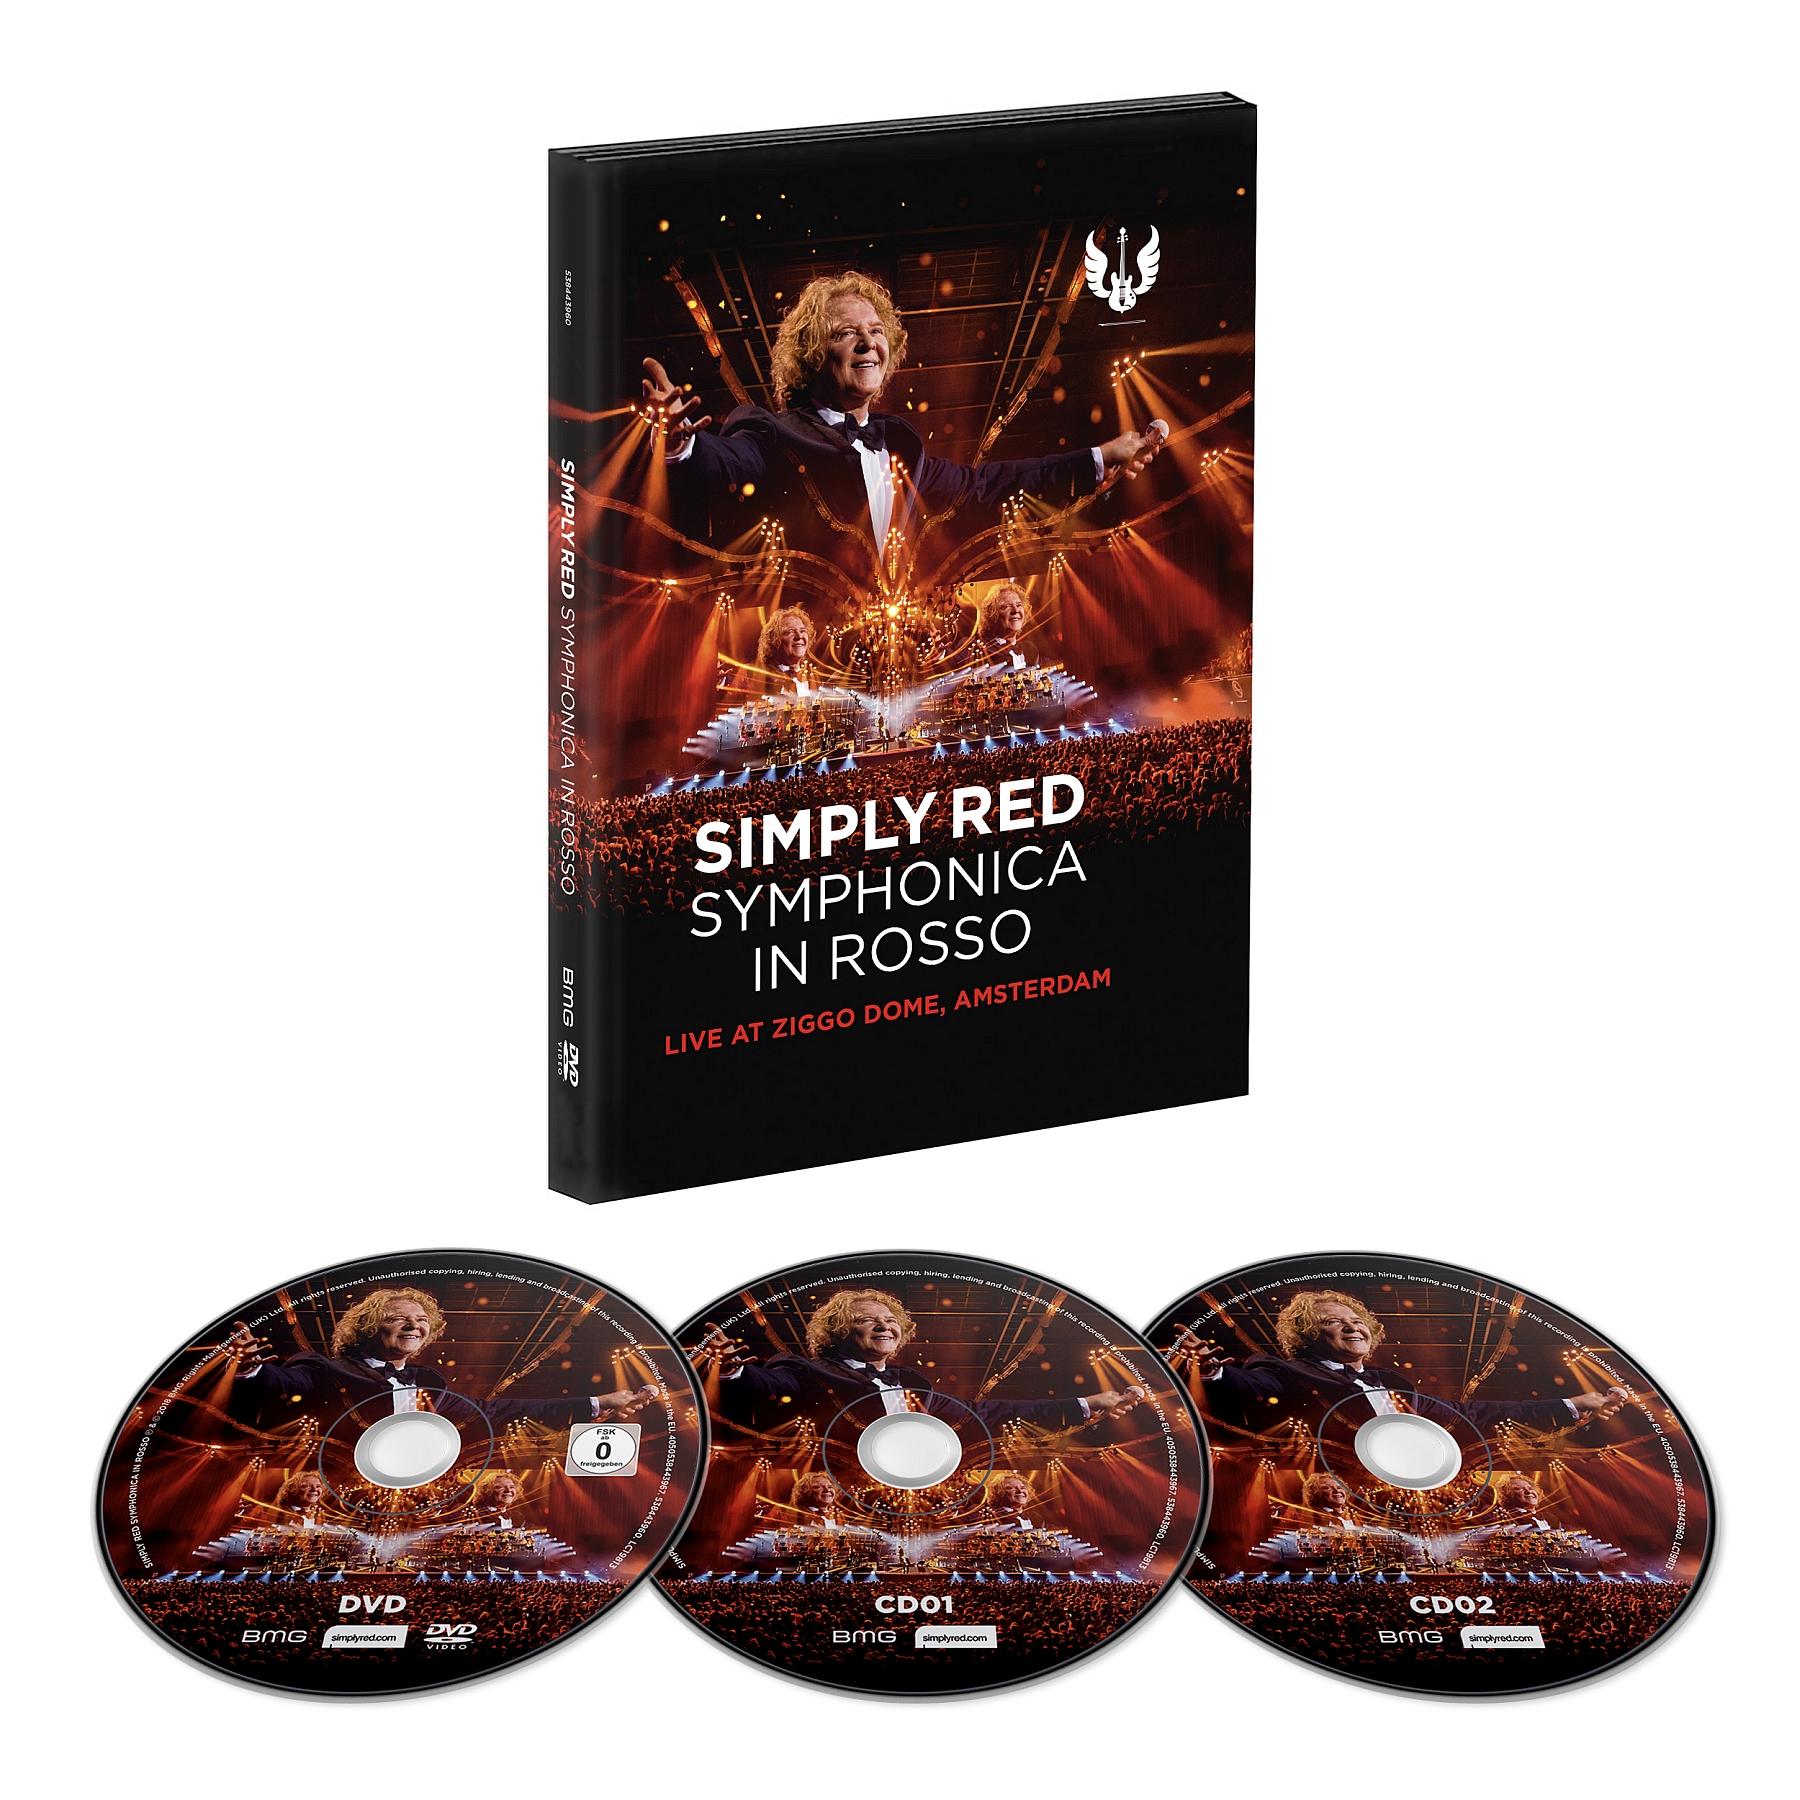 Simply Red Dvd Release Tv Interviews Markus Lanz Und Ard Brisant